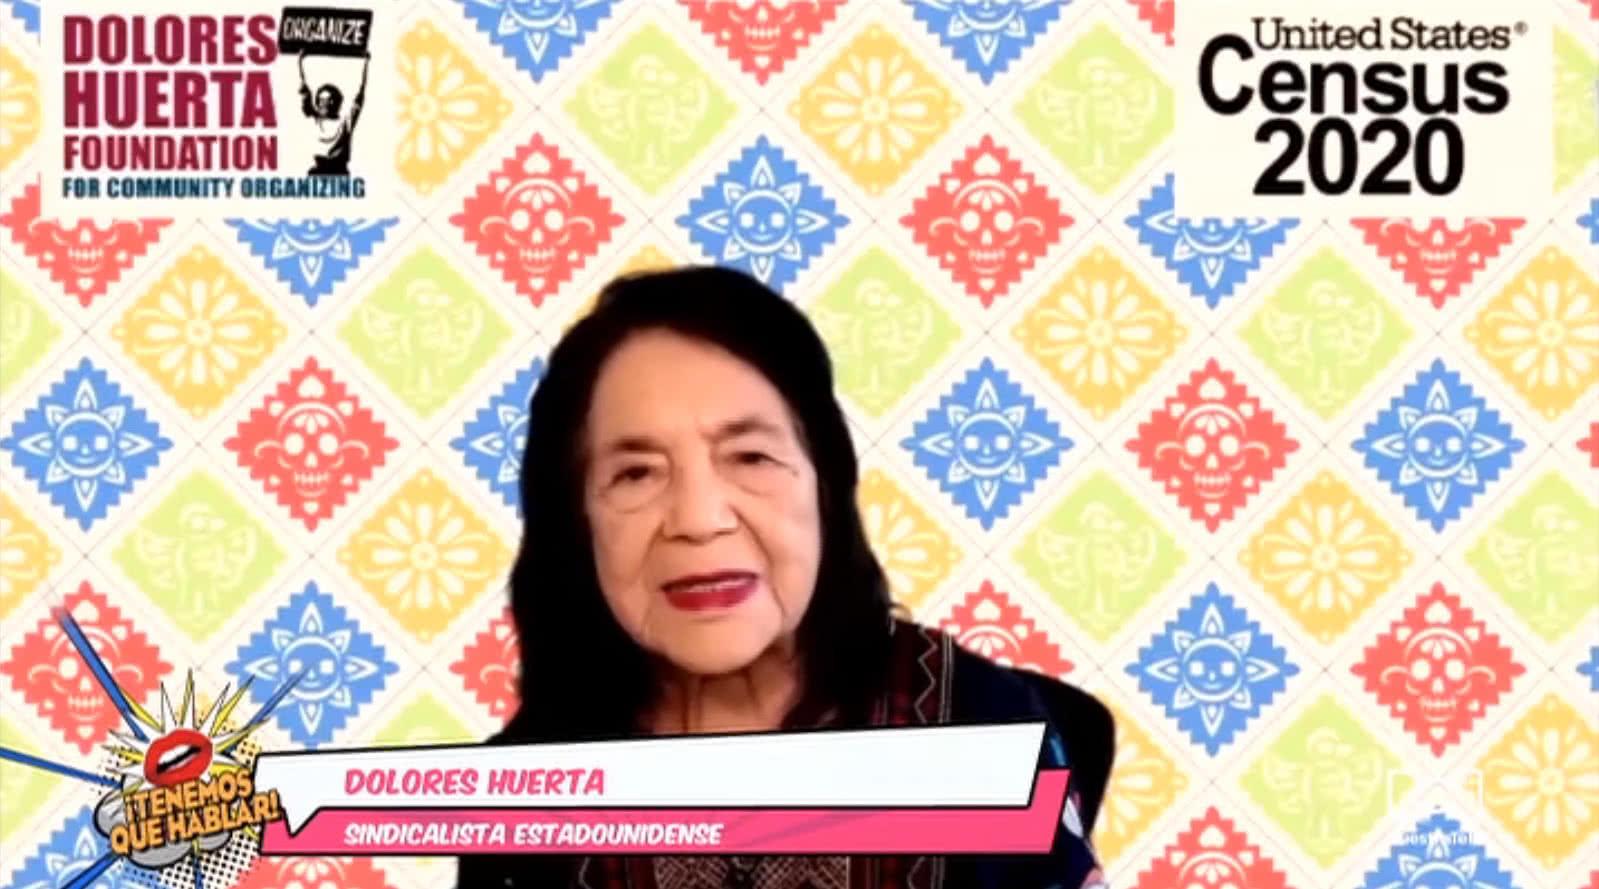 Dolores Huerta celebró su cumpleaños número 90 con un evento benéfico